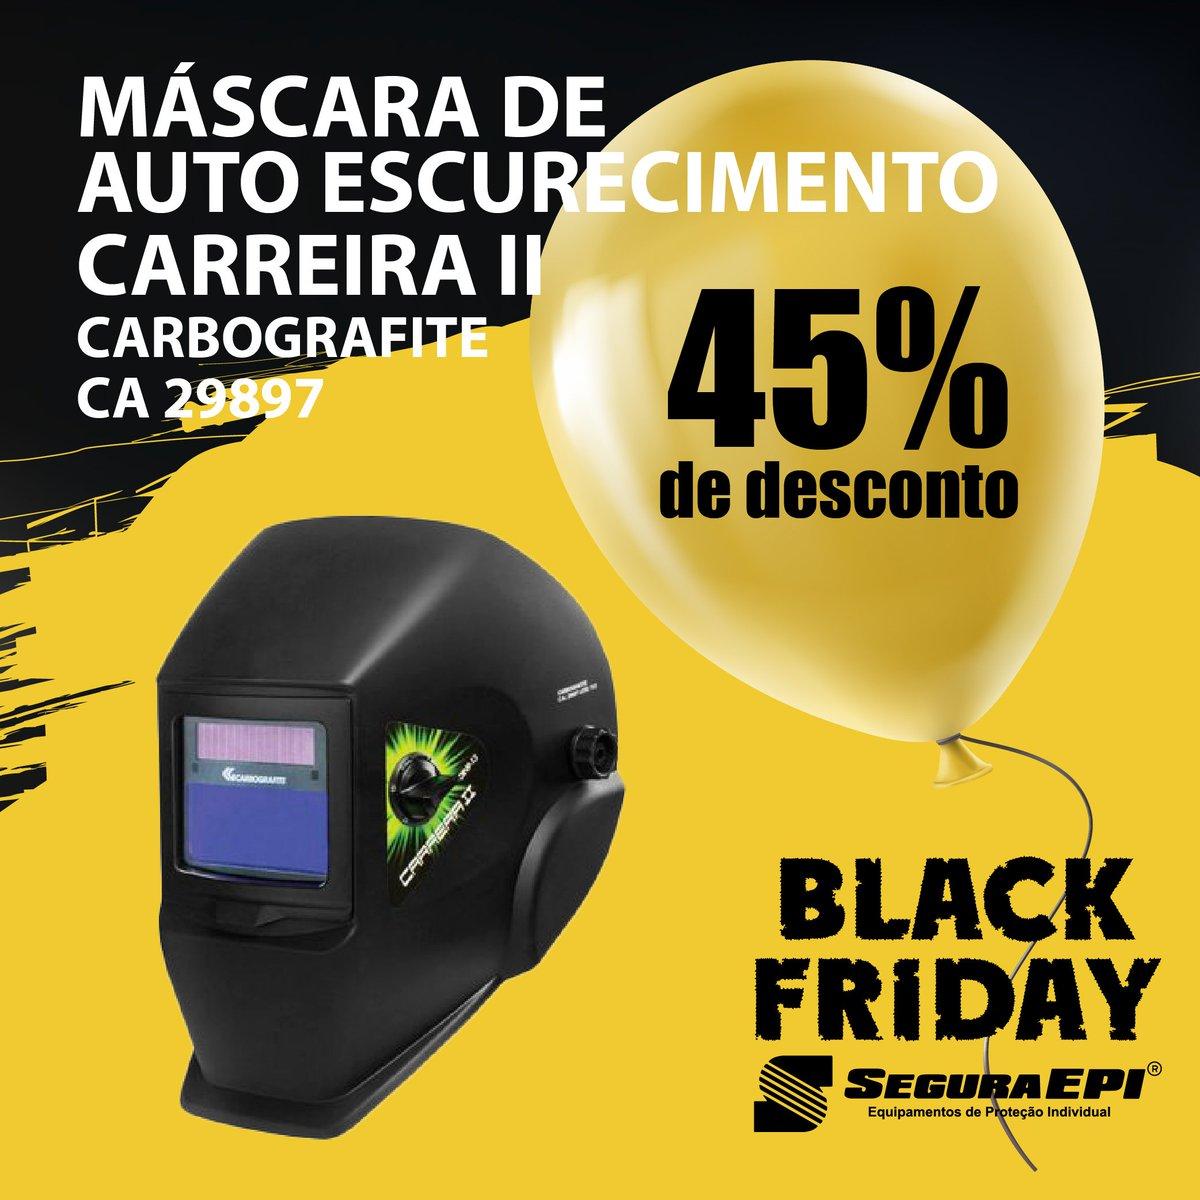 6809f3d067554 ... na BLACK FRIDAY da Segura EPI! Produtos com condições imperdíveis!  Preços válidos até no período de 19 11 a 23 11 ou enquanto durar o estoque!